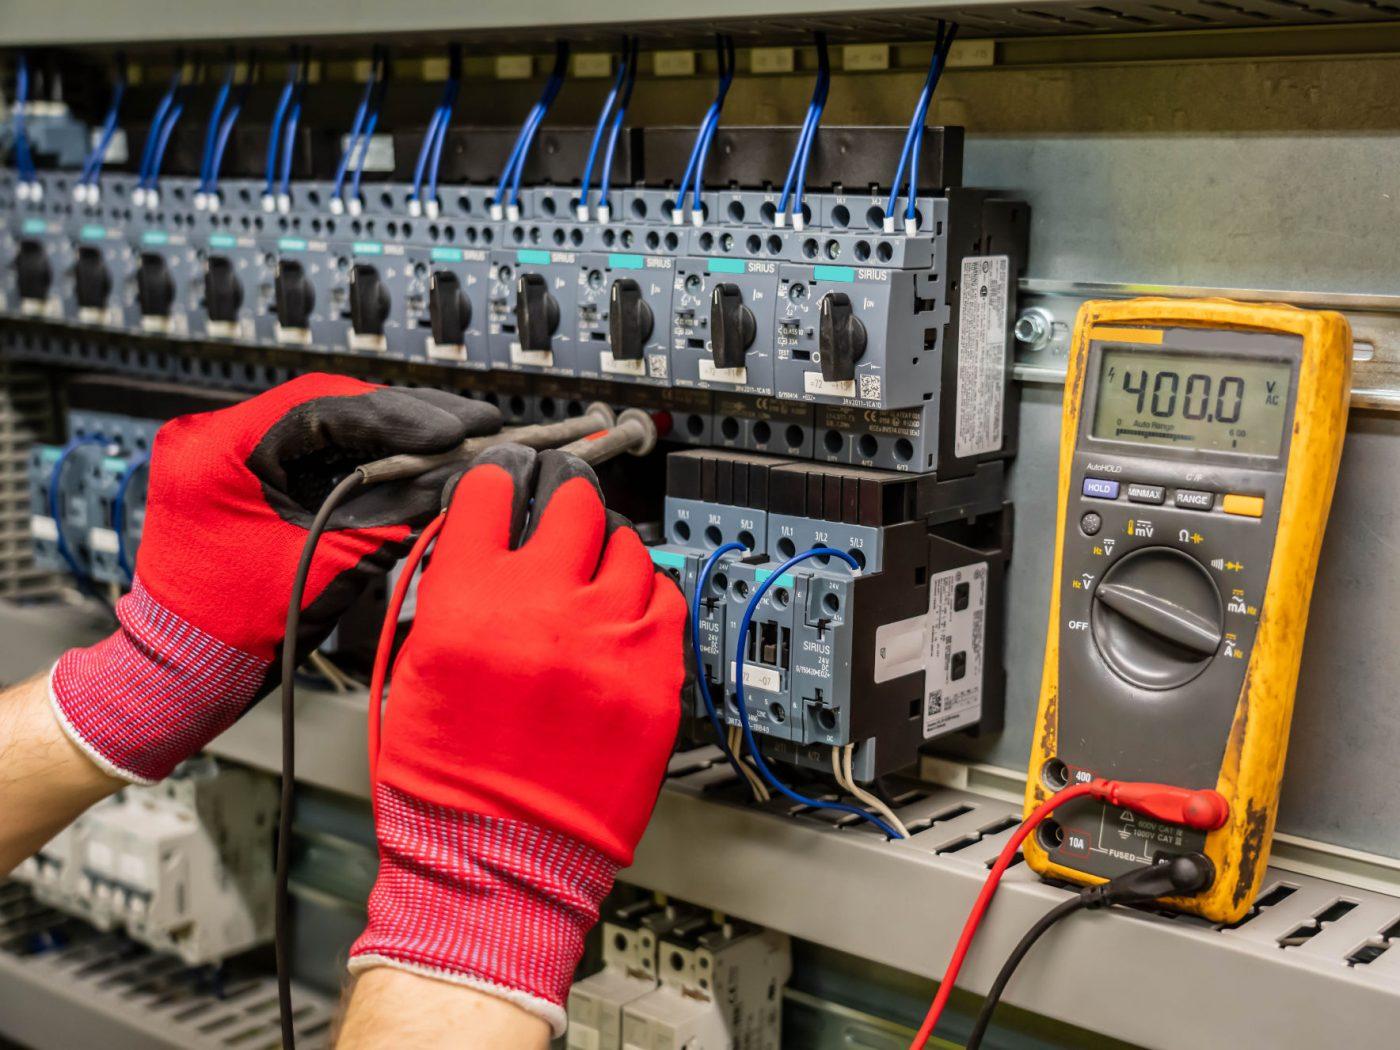 controleur electrique diag immo